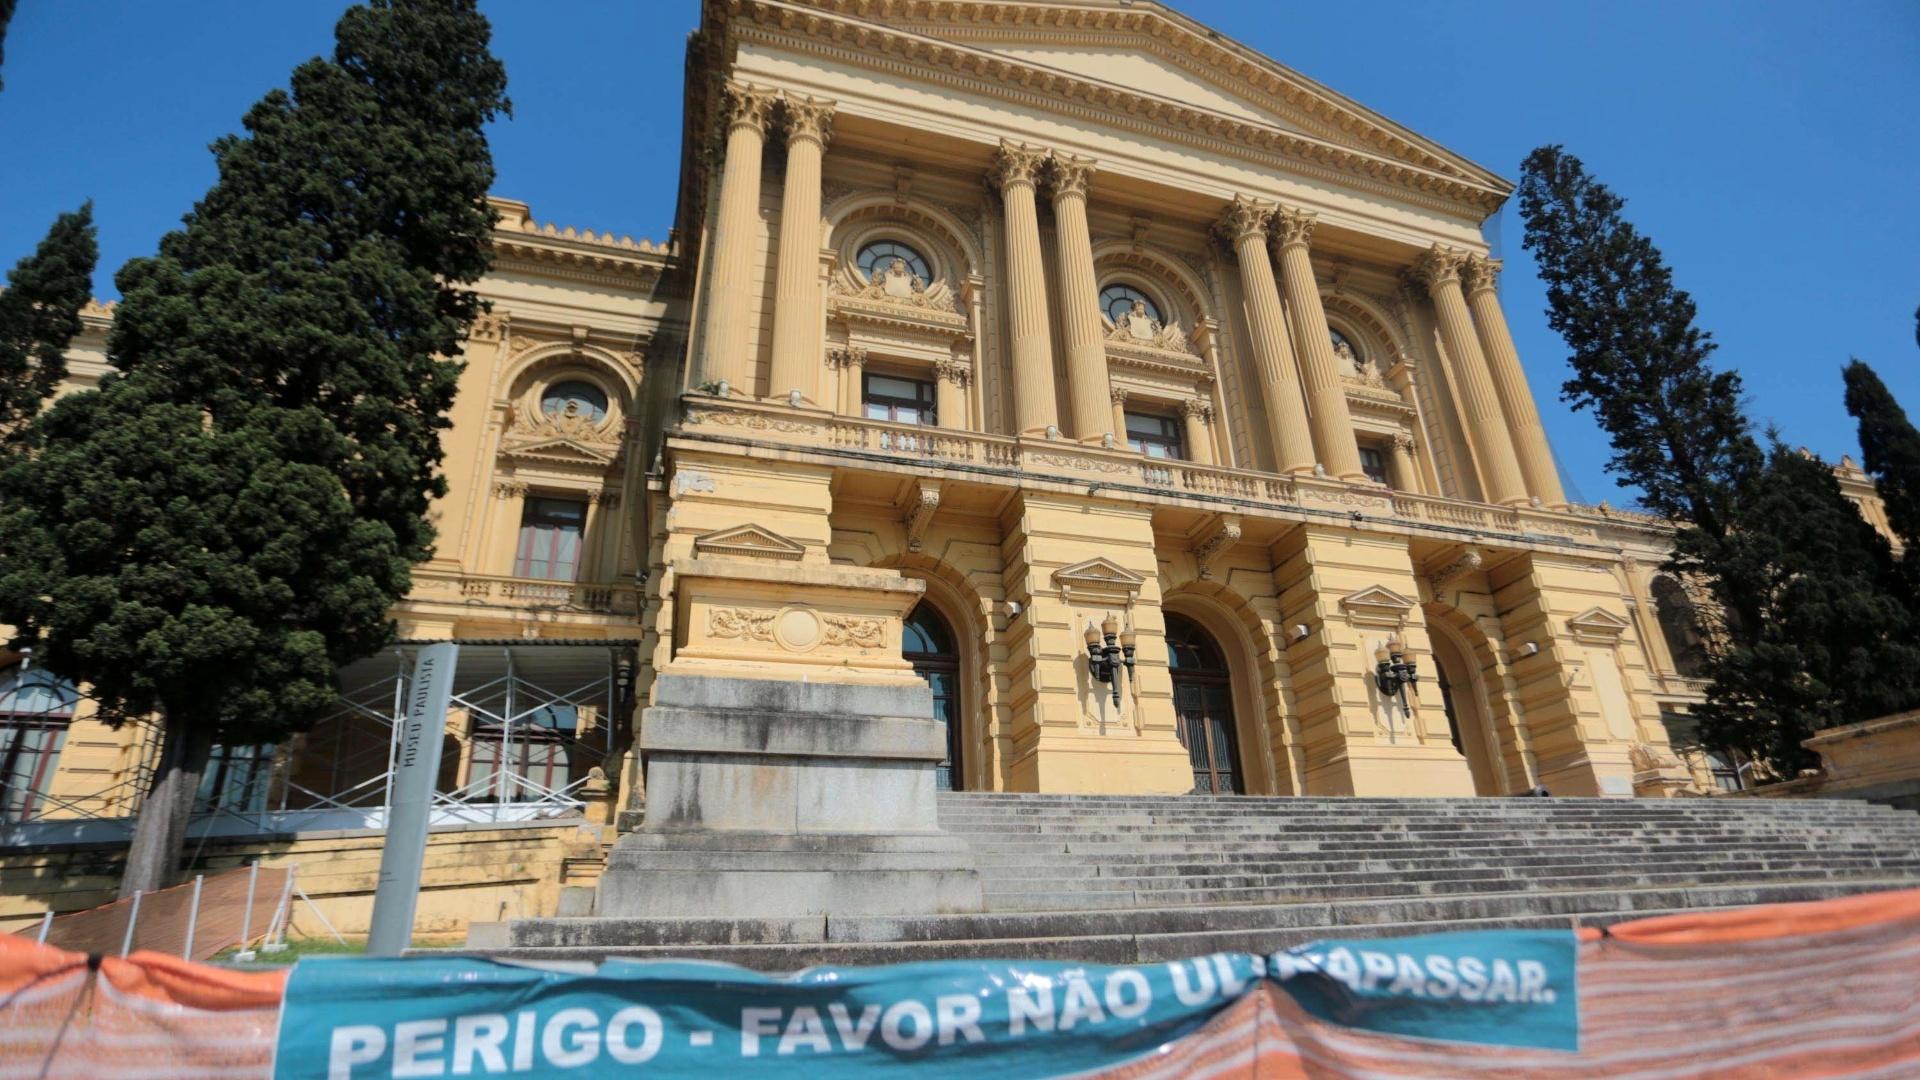 5.ago.2013 - Fachada do Museu do Ipiranga, zona sul de São Paulo, interditada nesta segunda-feira (5). O museu foi fechado por tempo indeterminado por causa de rachaduras e queda de partes da estrutura. Não existe prazo para a reabertura do local